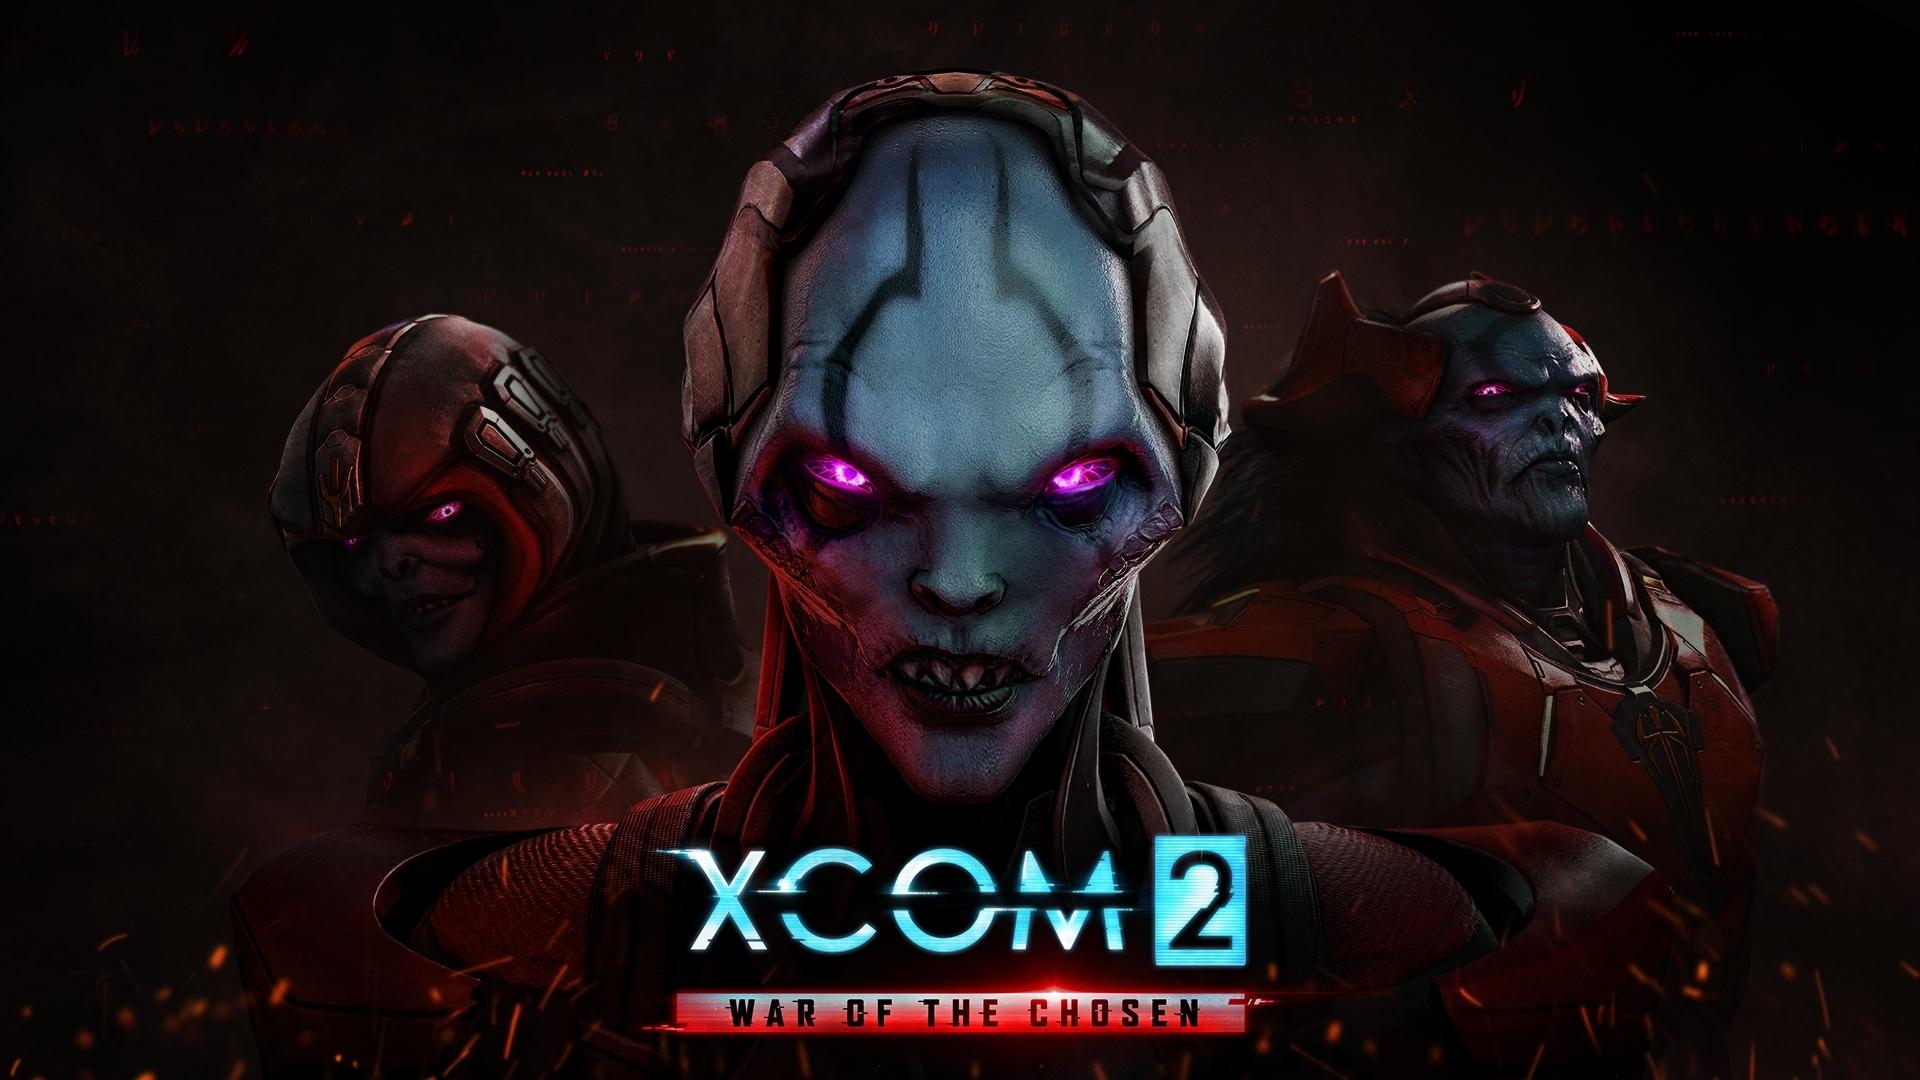 В XCOM 2: War of the Chosen добавили Ангела из Overwatch